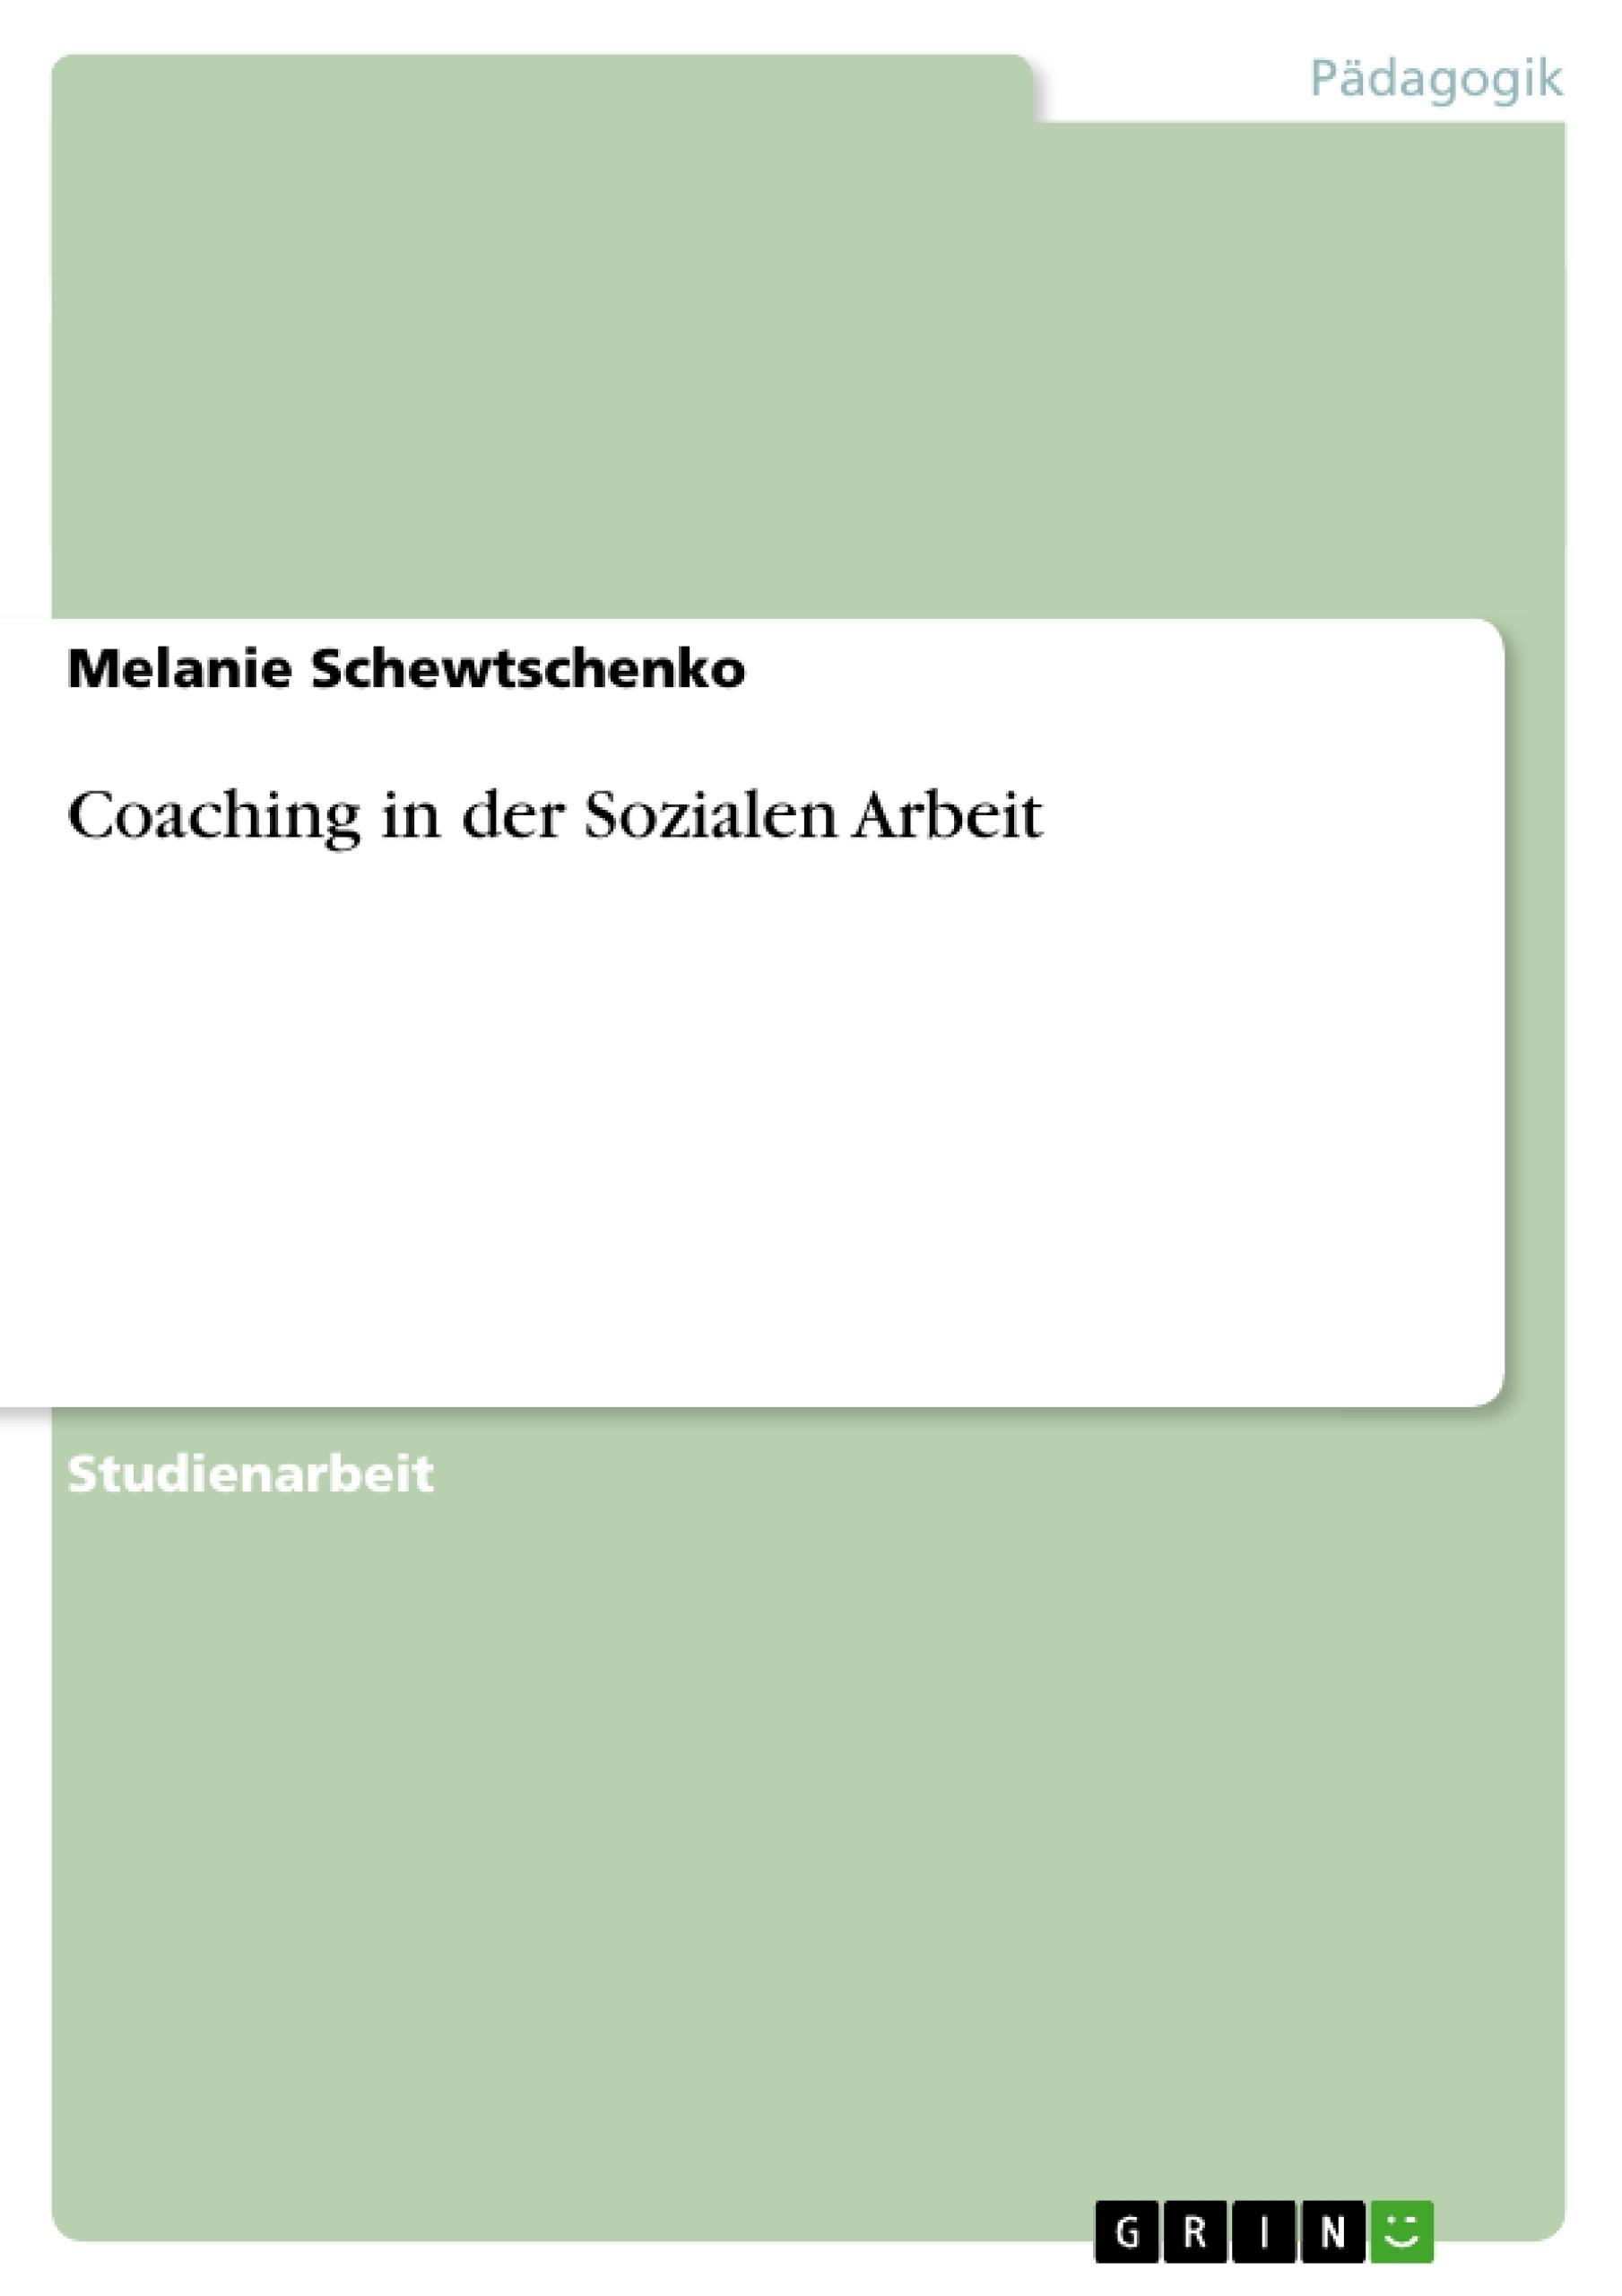 Titel: Coaching in der Sozialen Arbeit